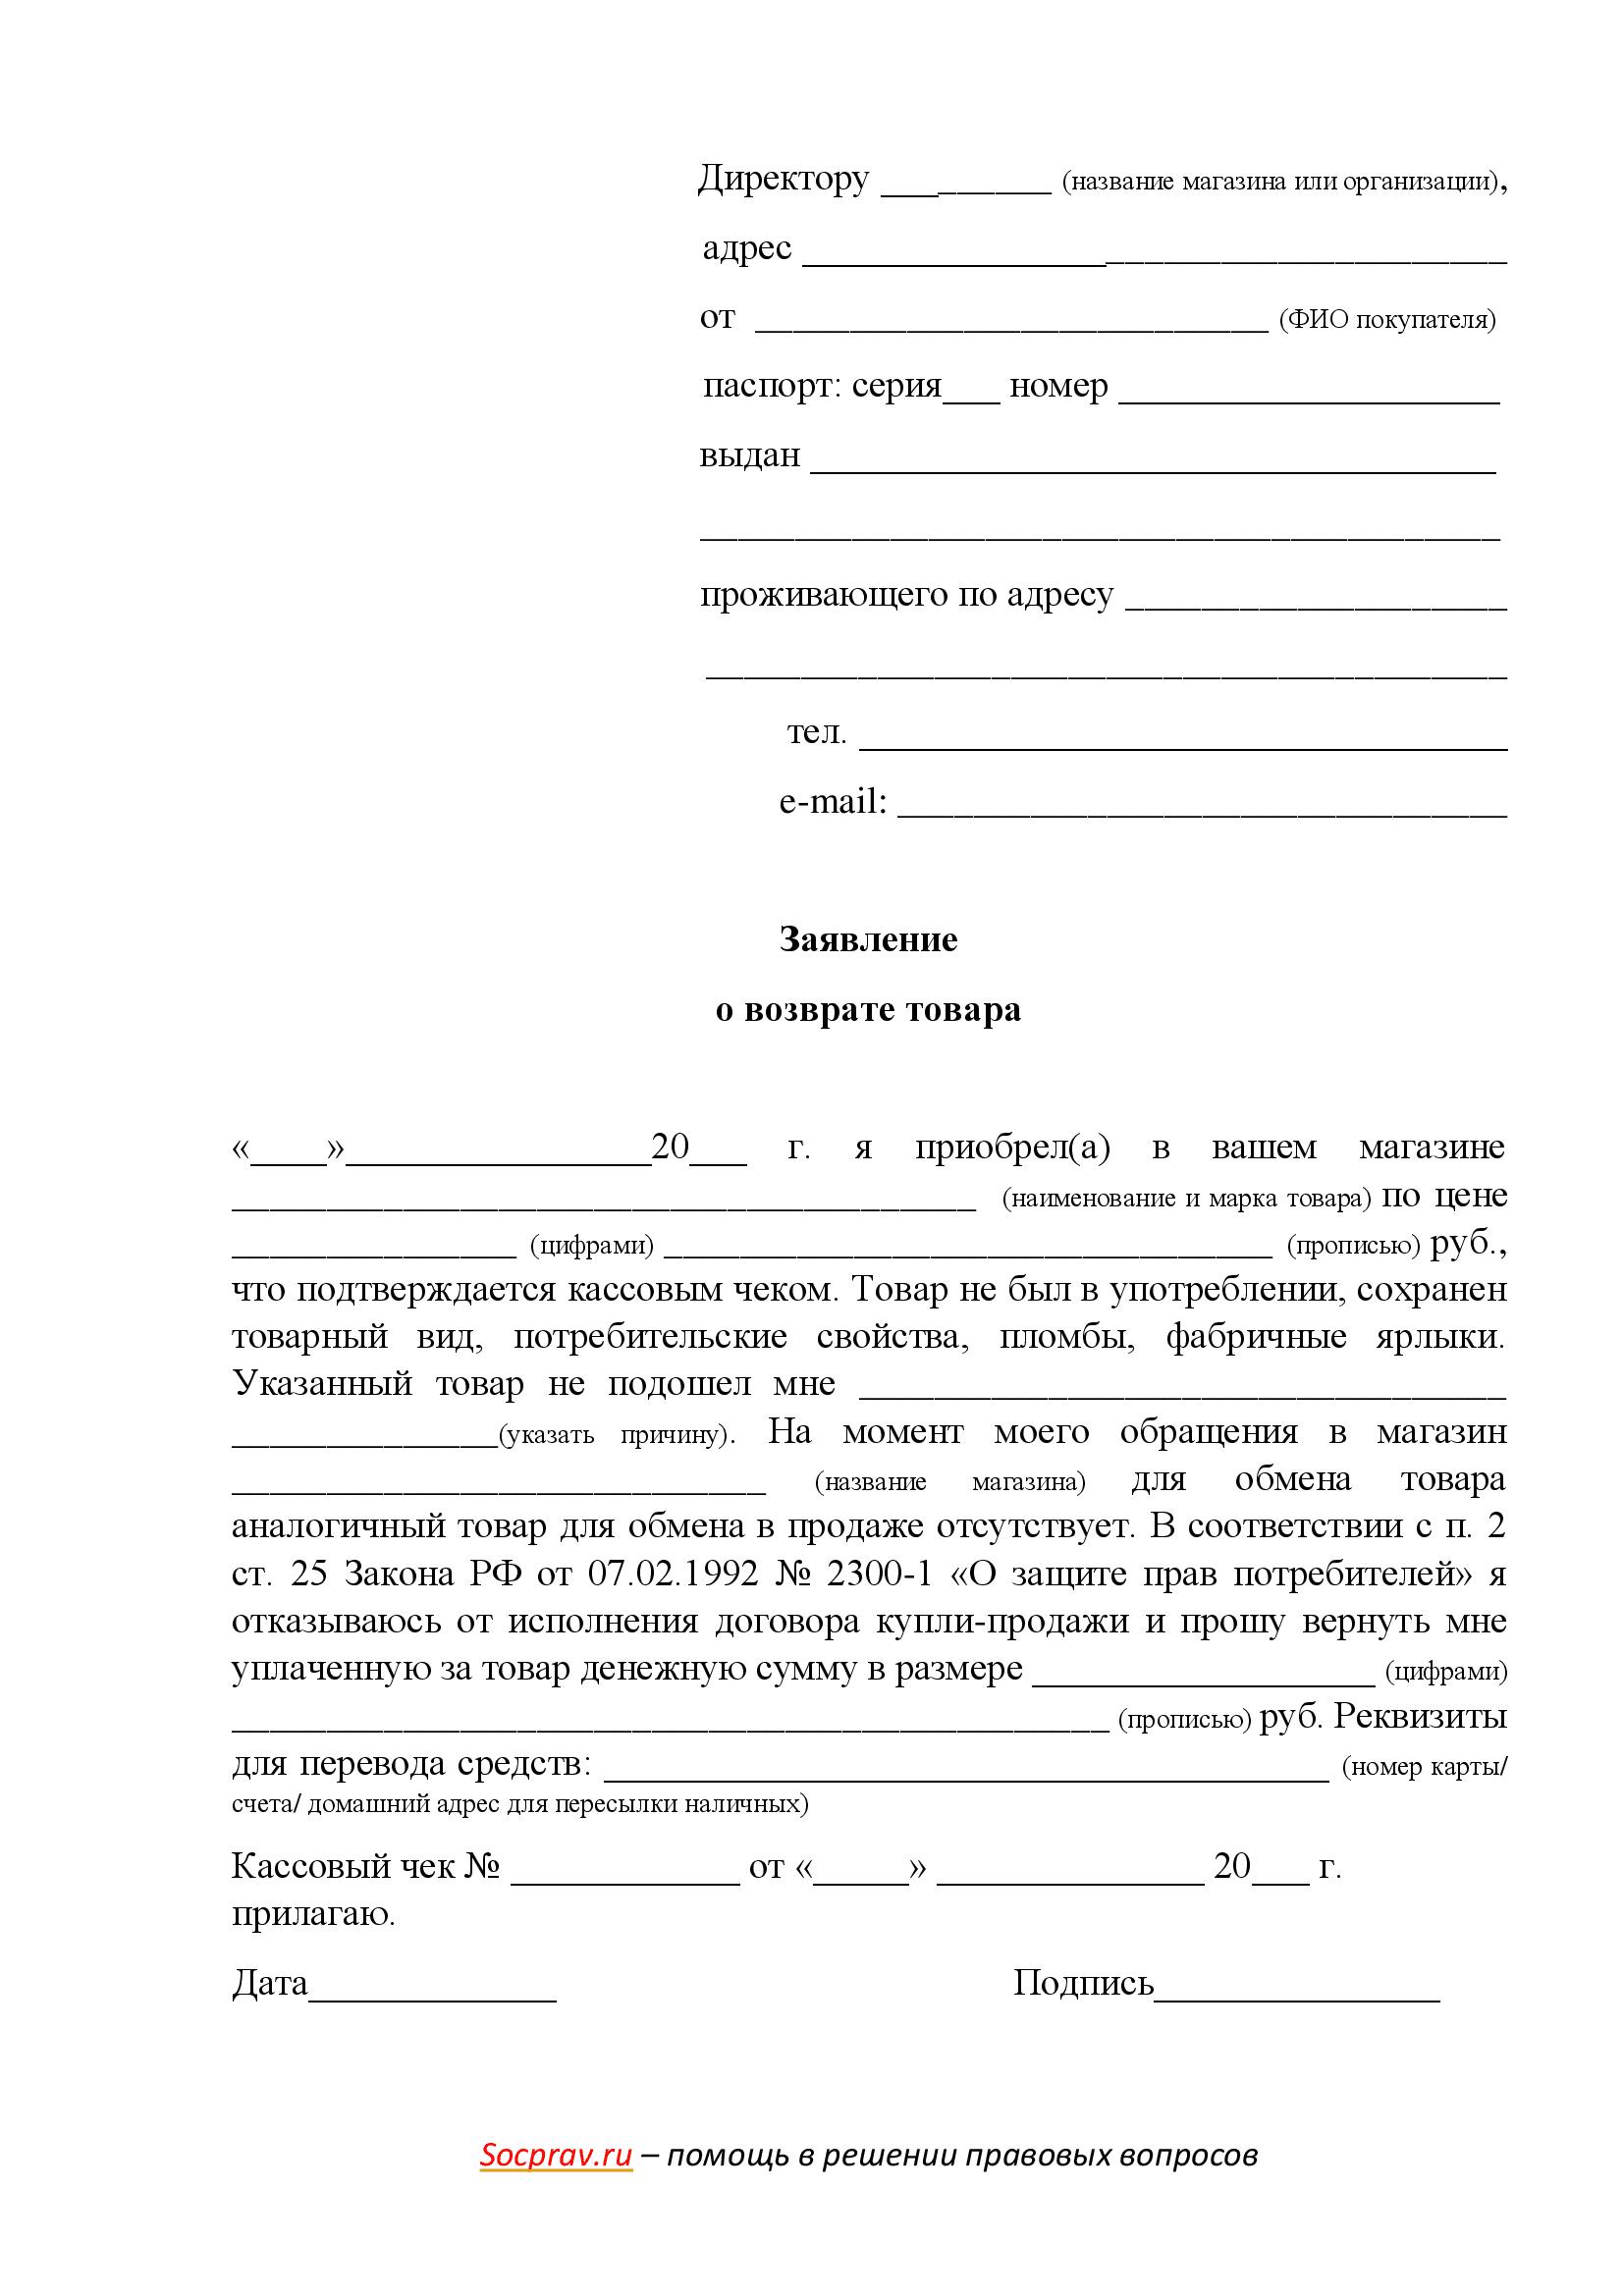 Заявление на возврат денег за товар